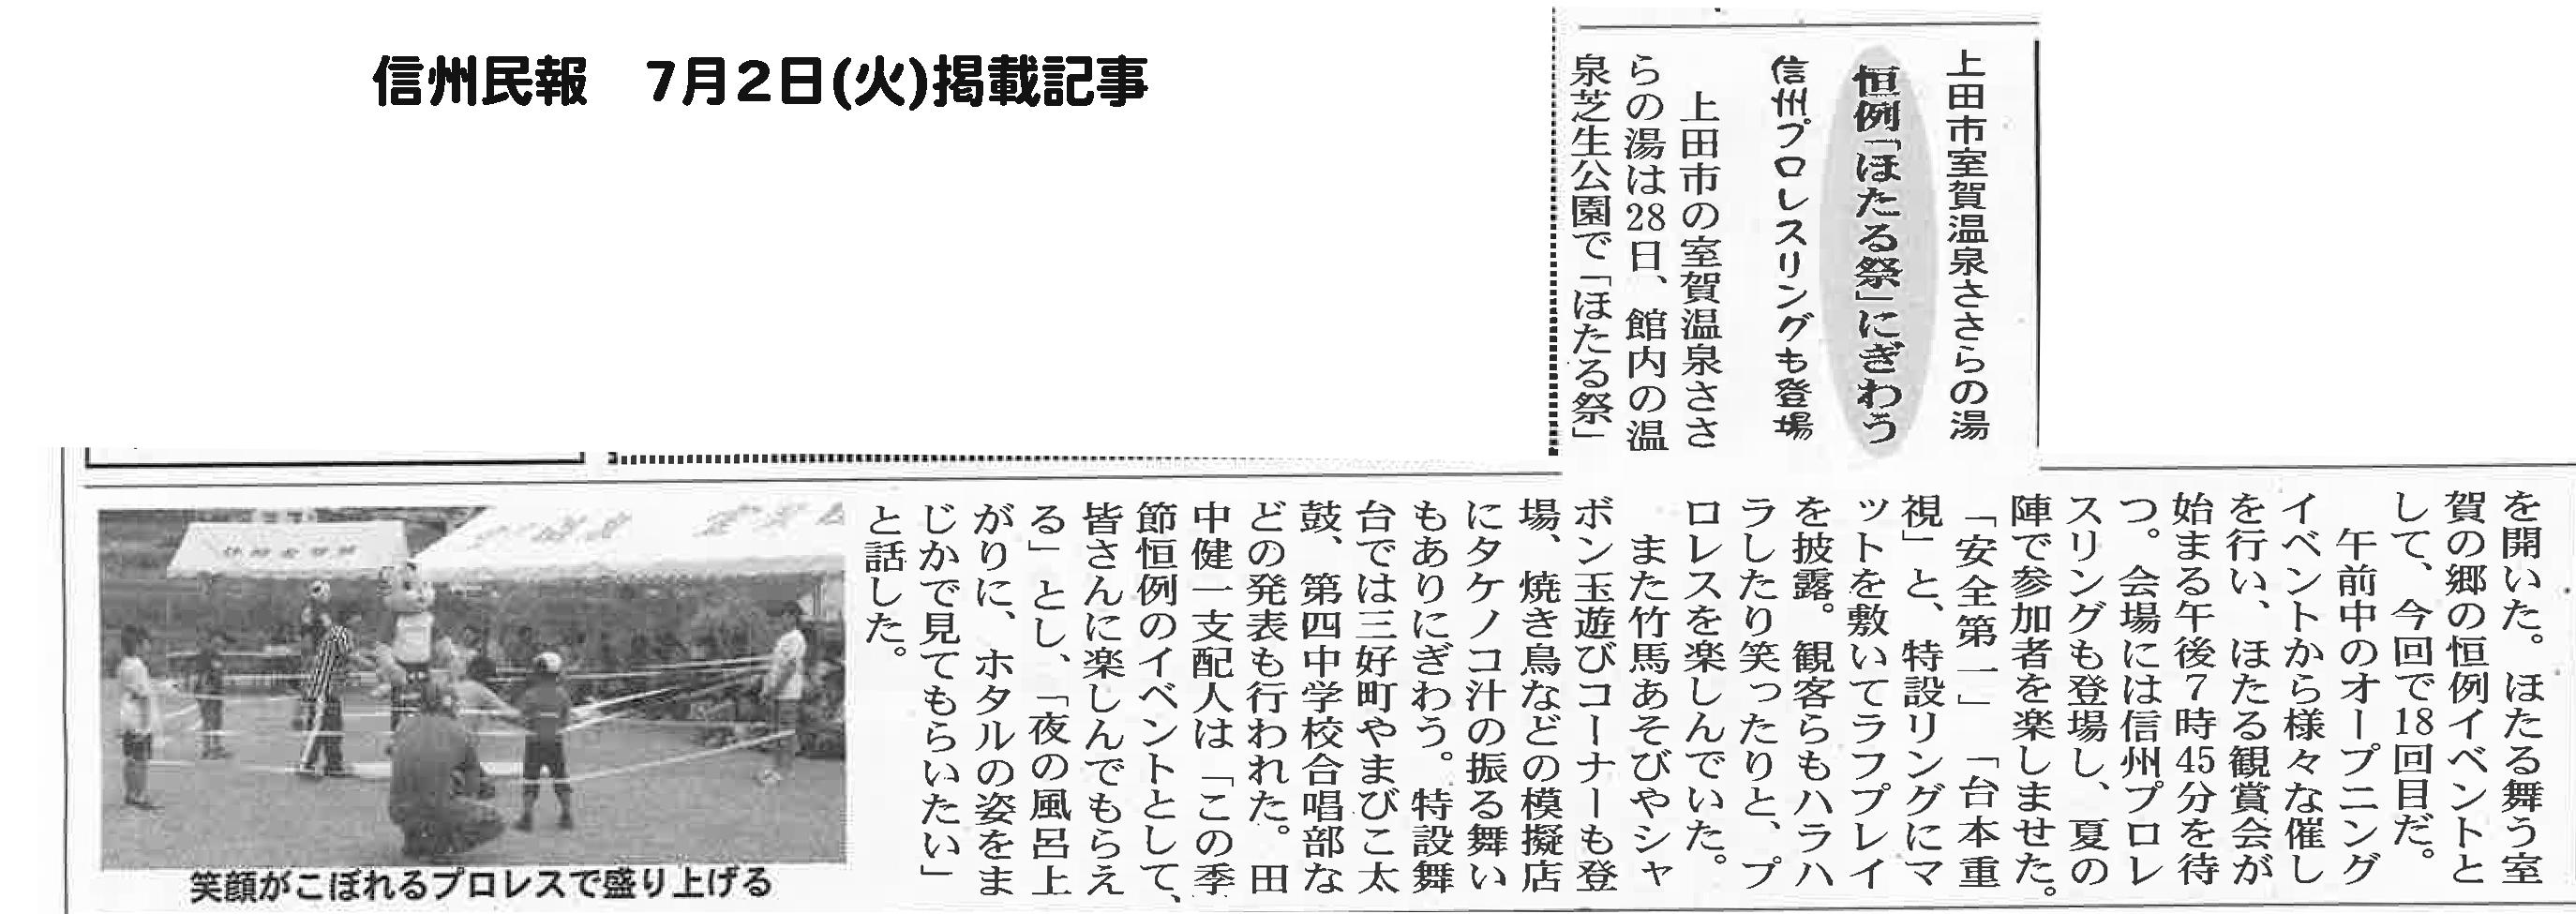 信州民報7月2日